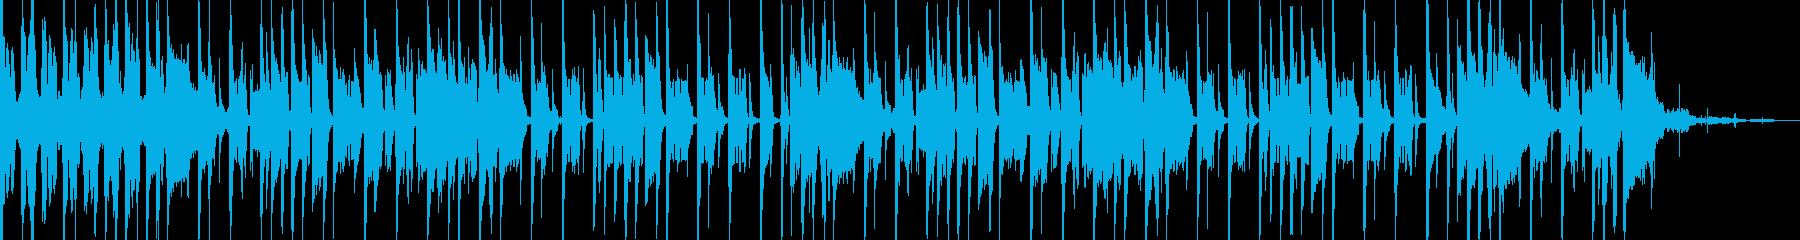 ファンファーレ+ヒップホップレゲエのんの再生済みの波形